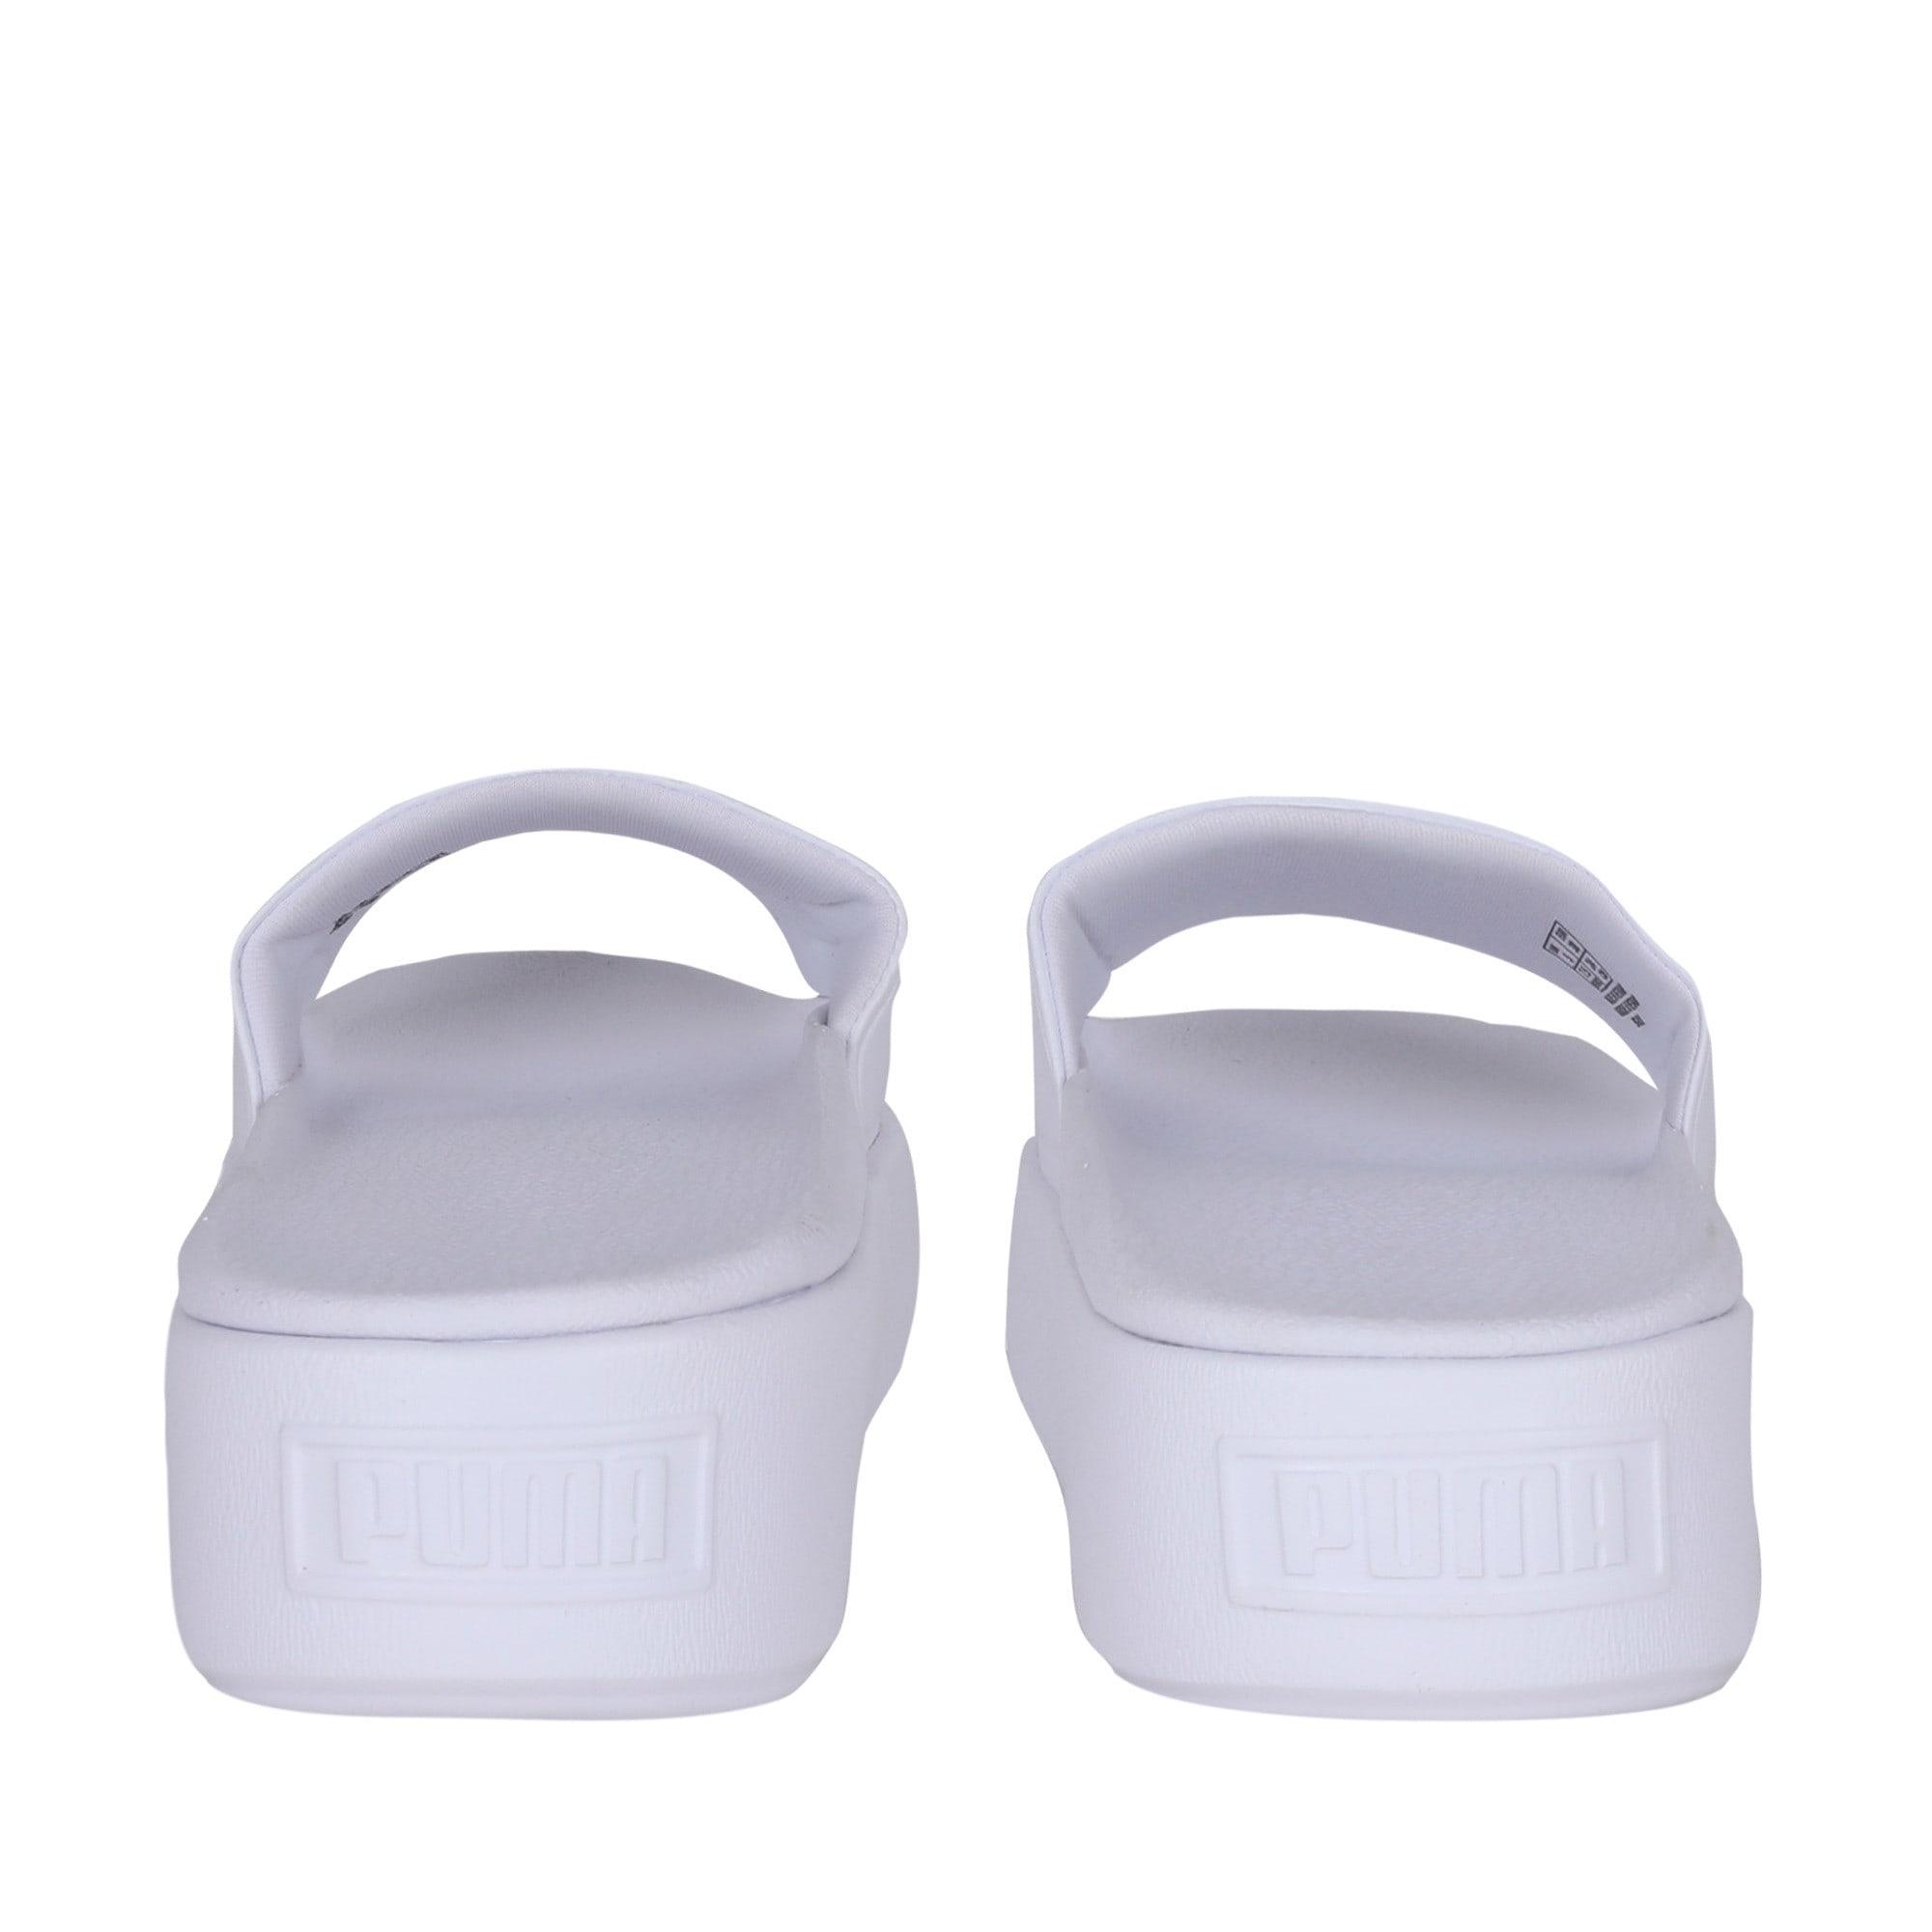 Thumbnail 6 of Platform Slide Bold Women's Sandals, Puma White-Puma White, medium-IND